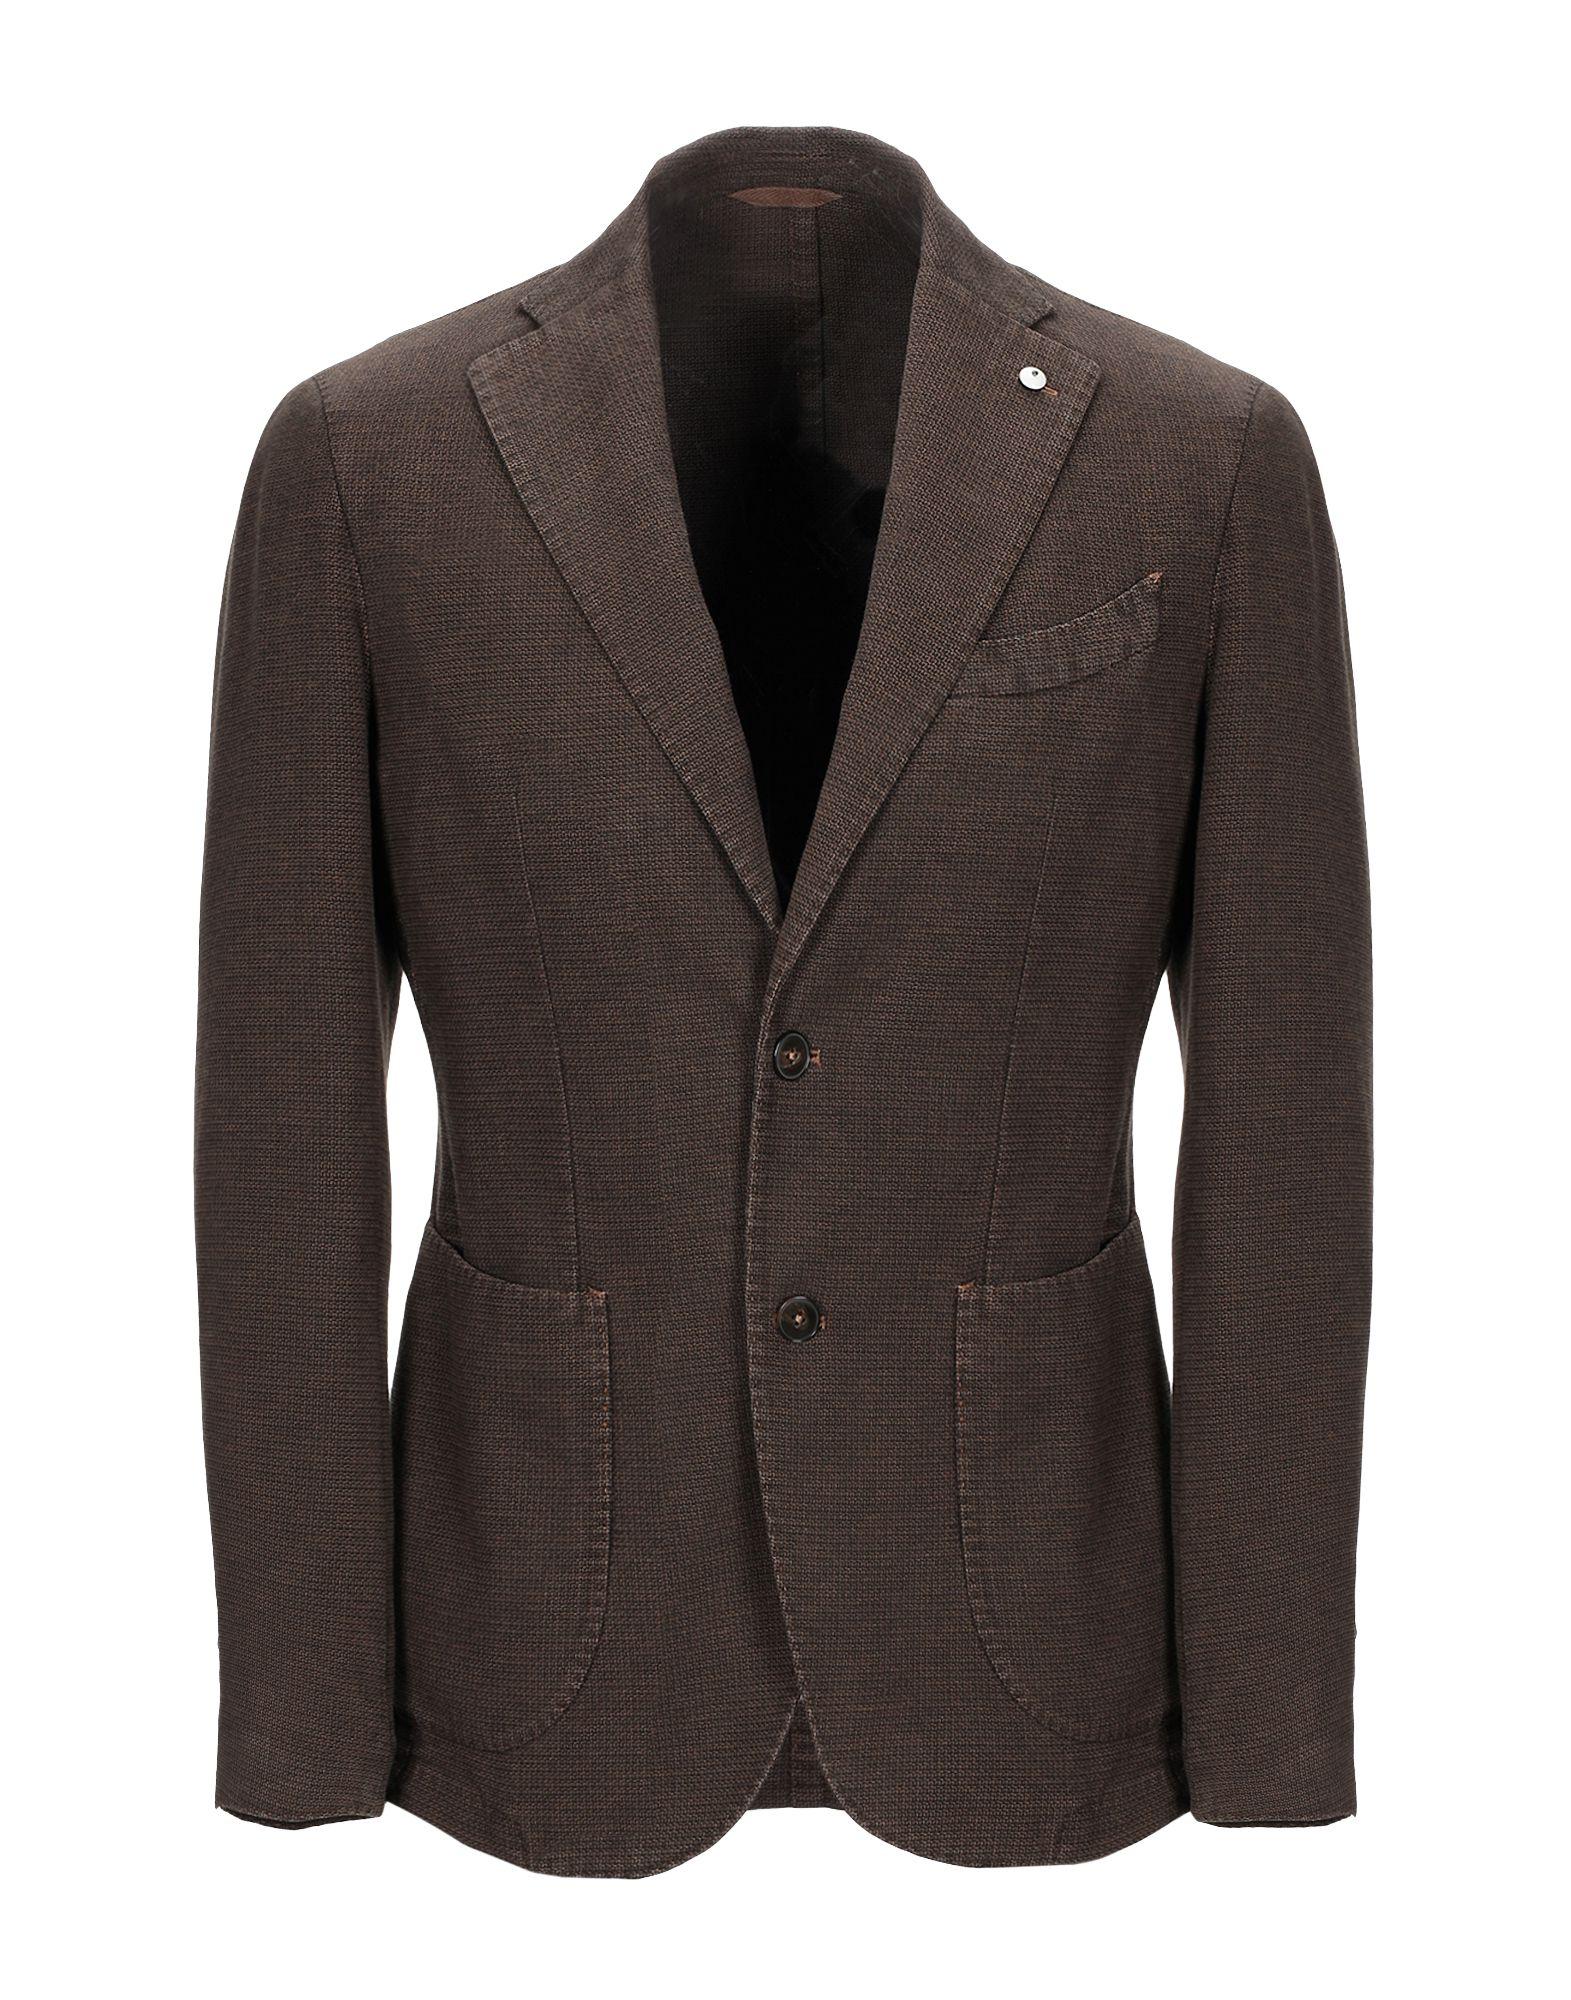 焦げ茶色ジャケットの画像